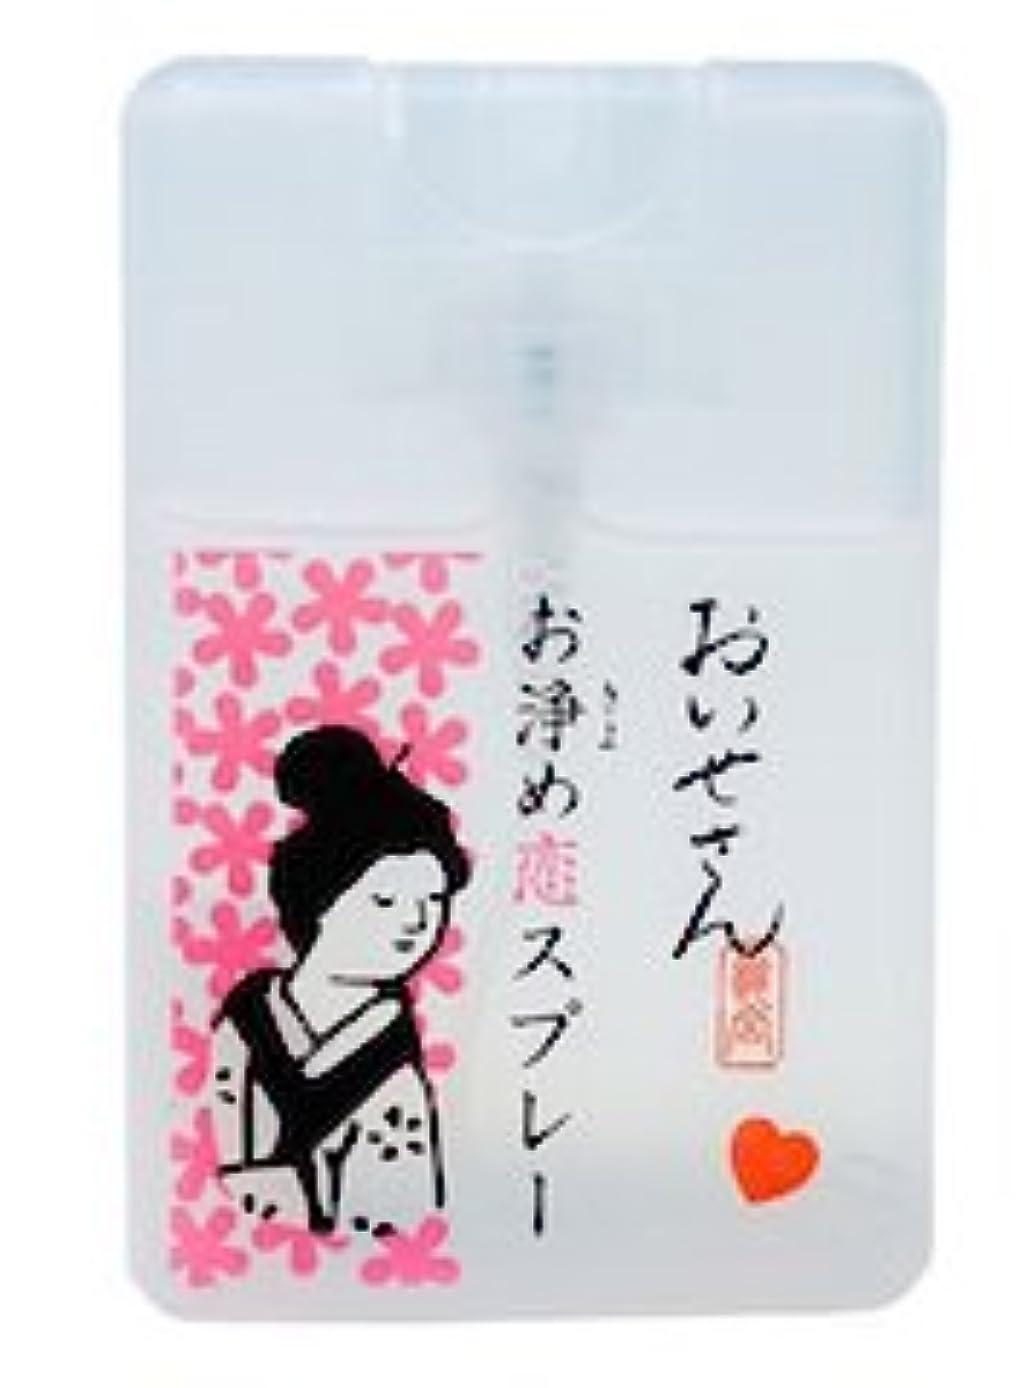 好むインフルエンザサーフィン【おいせさん】恋スプレー/フレグランススプレー